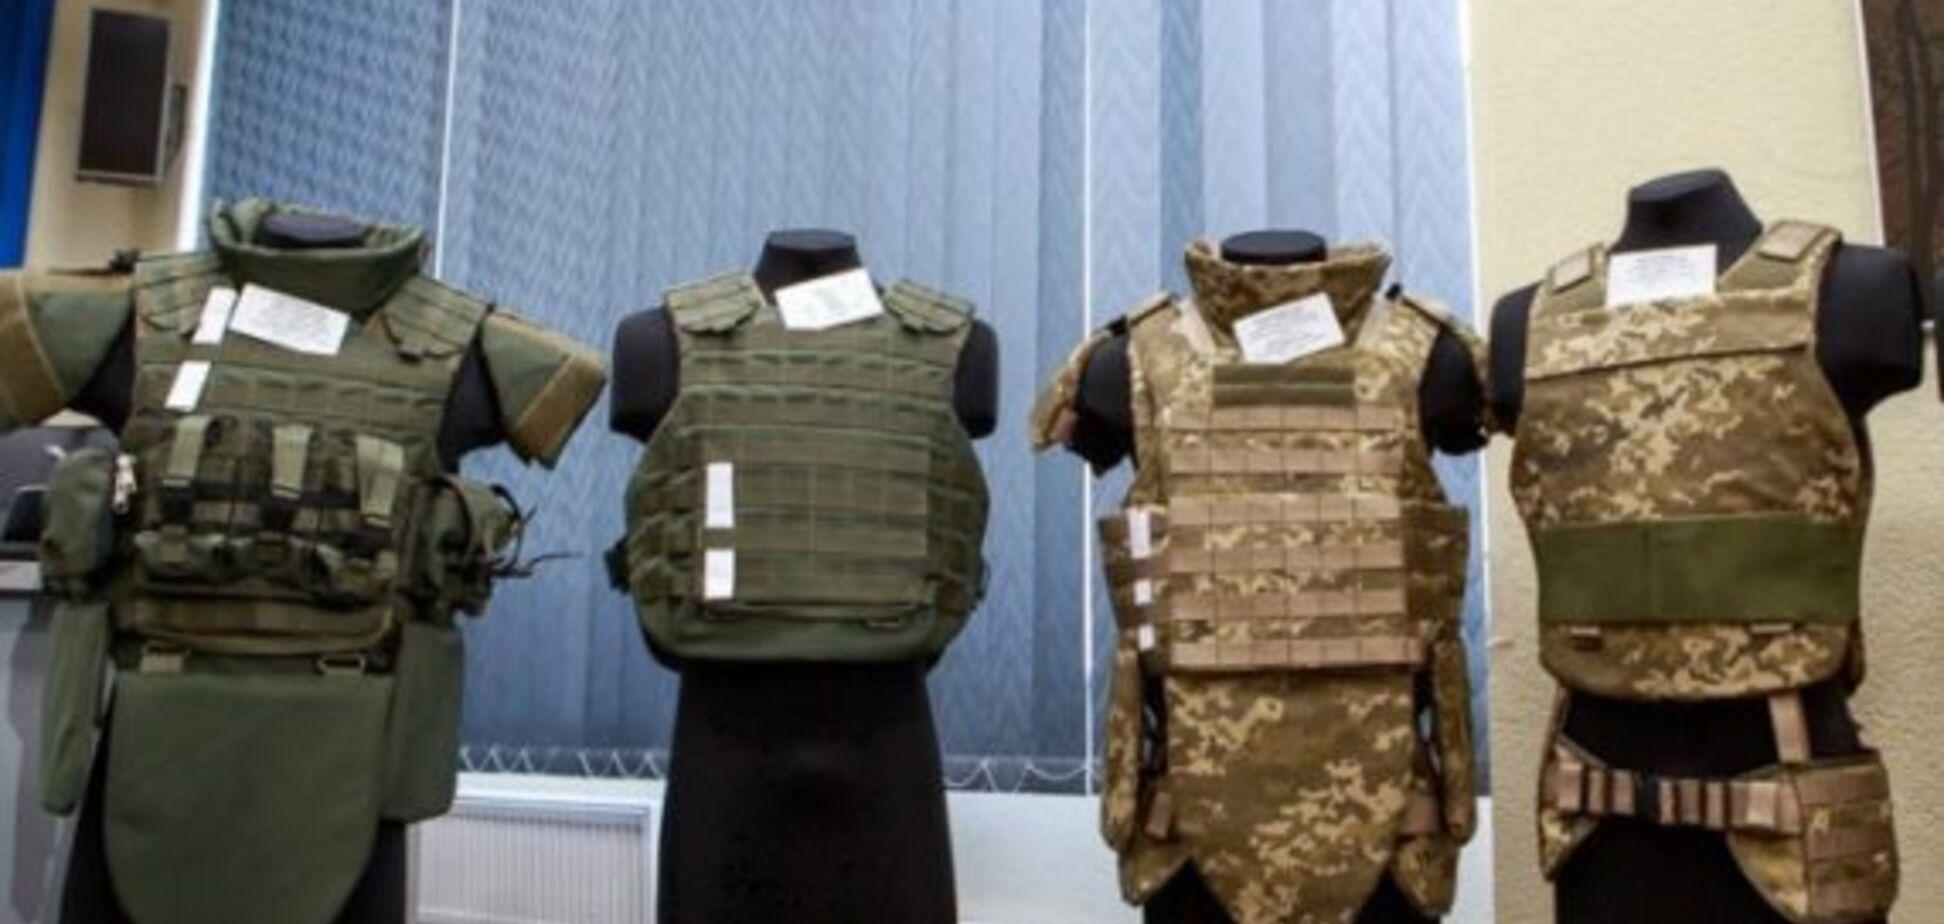 Бракованные бронежилеты: ГБР разгромили из-за экспертизы